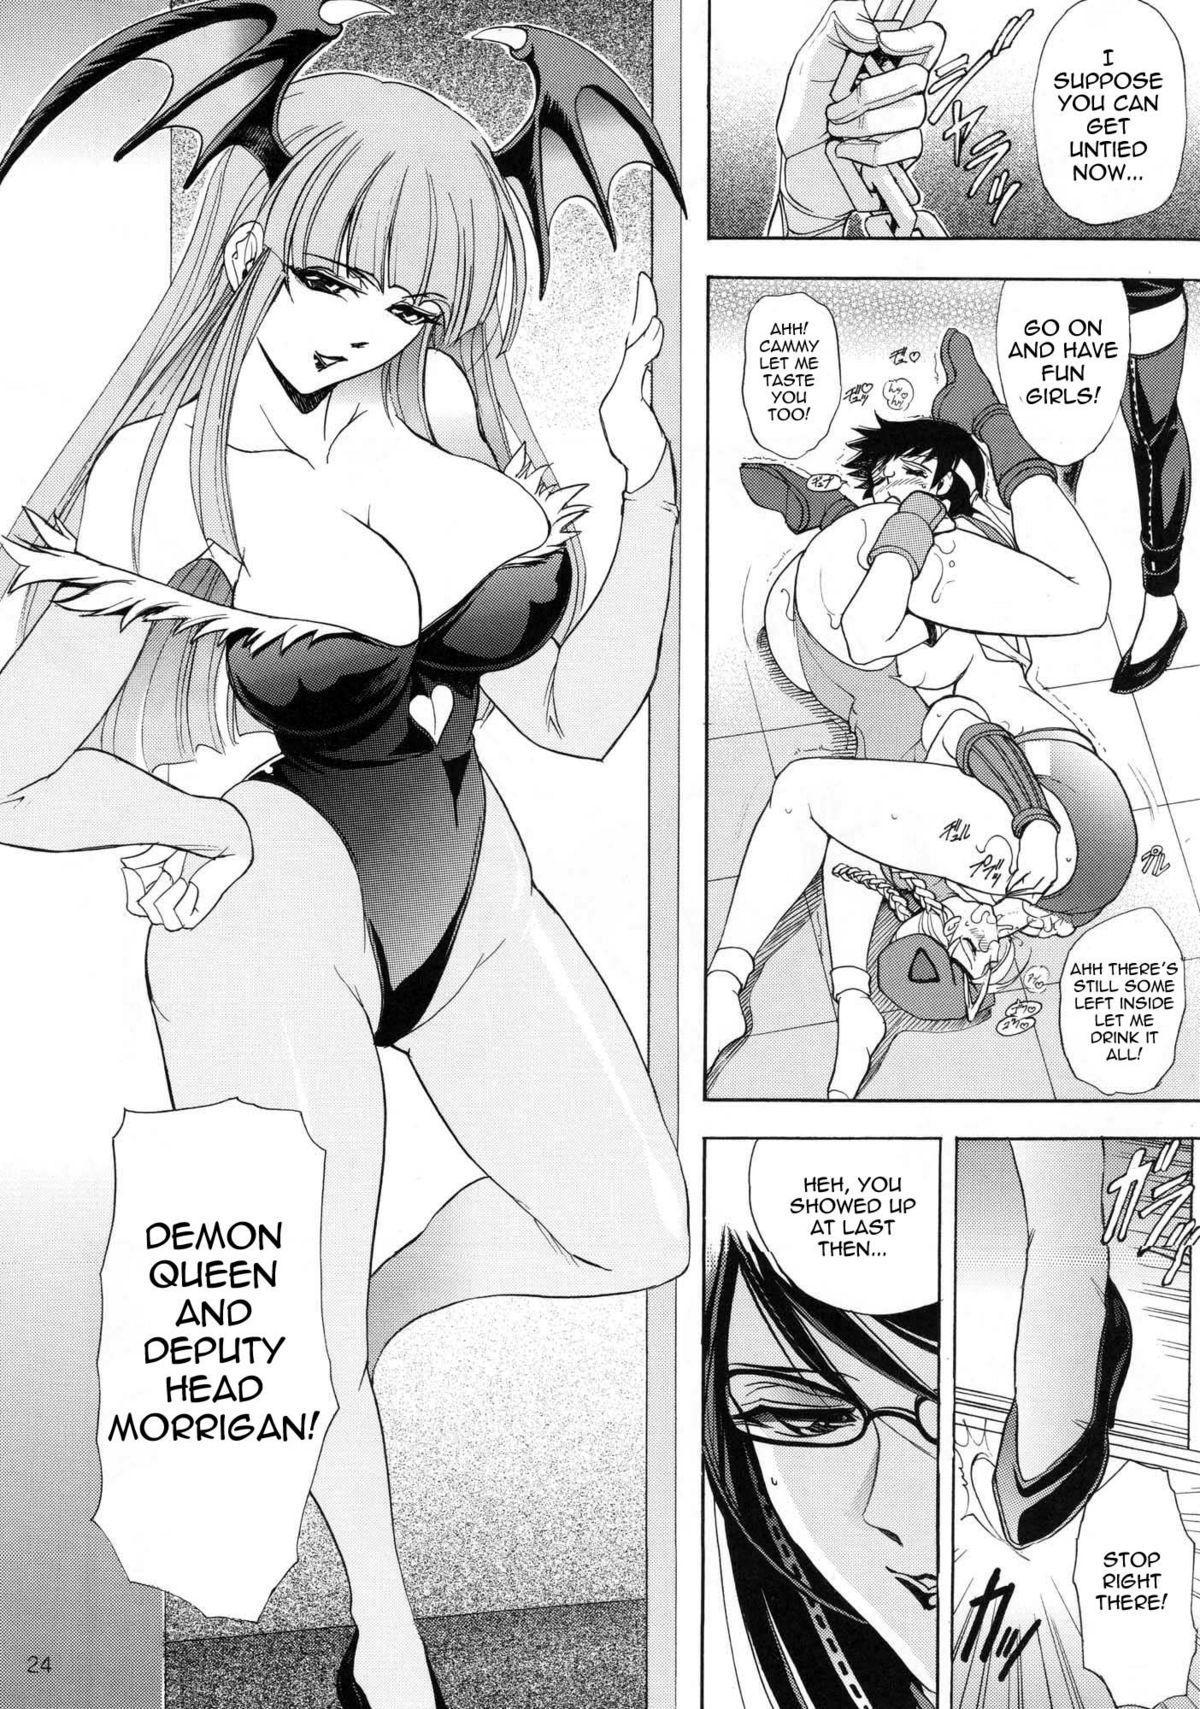 (C77) [Kawaraya Honpo (Kawaraya A-ta)] Hana - Maki no Juukyuu - Kuroki Hana (Bayonetta, Street Fighter, Darkstalkers) [English] {doujin-moe.us} 22